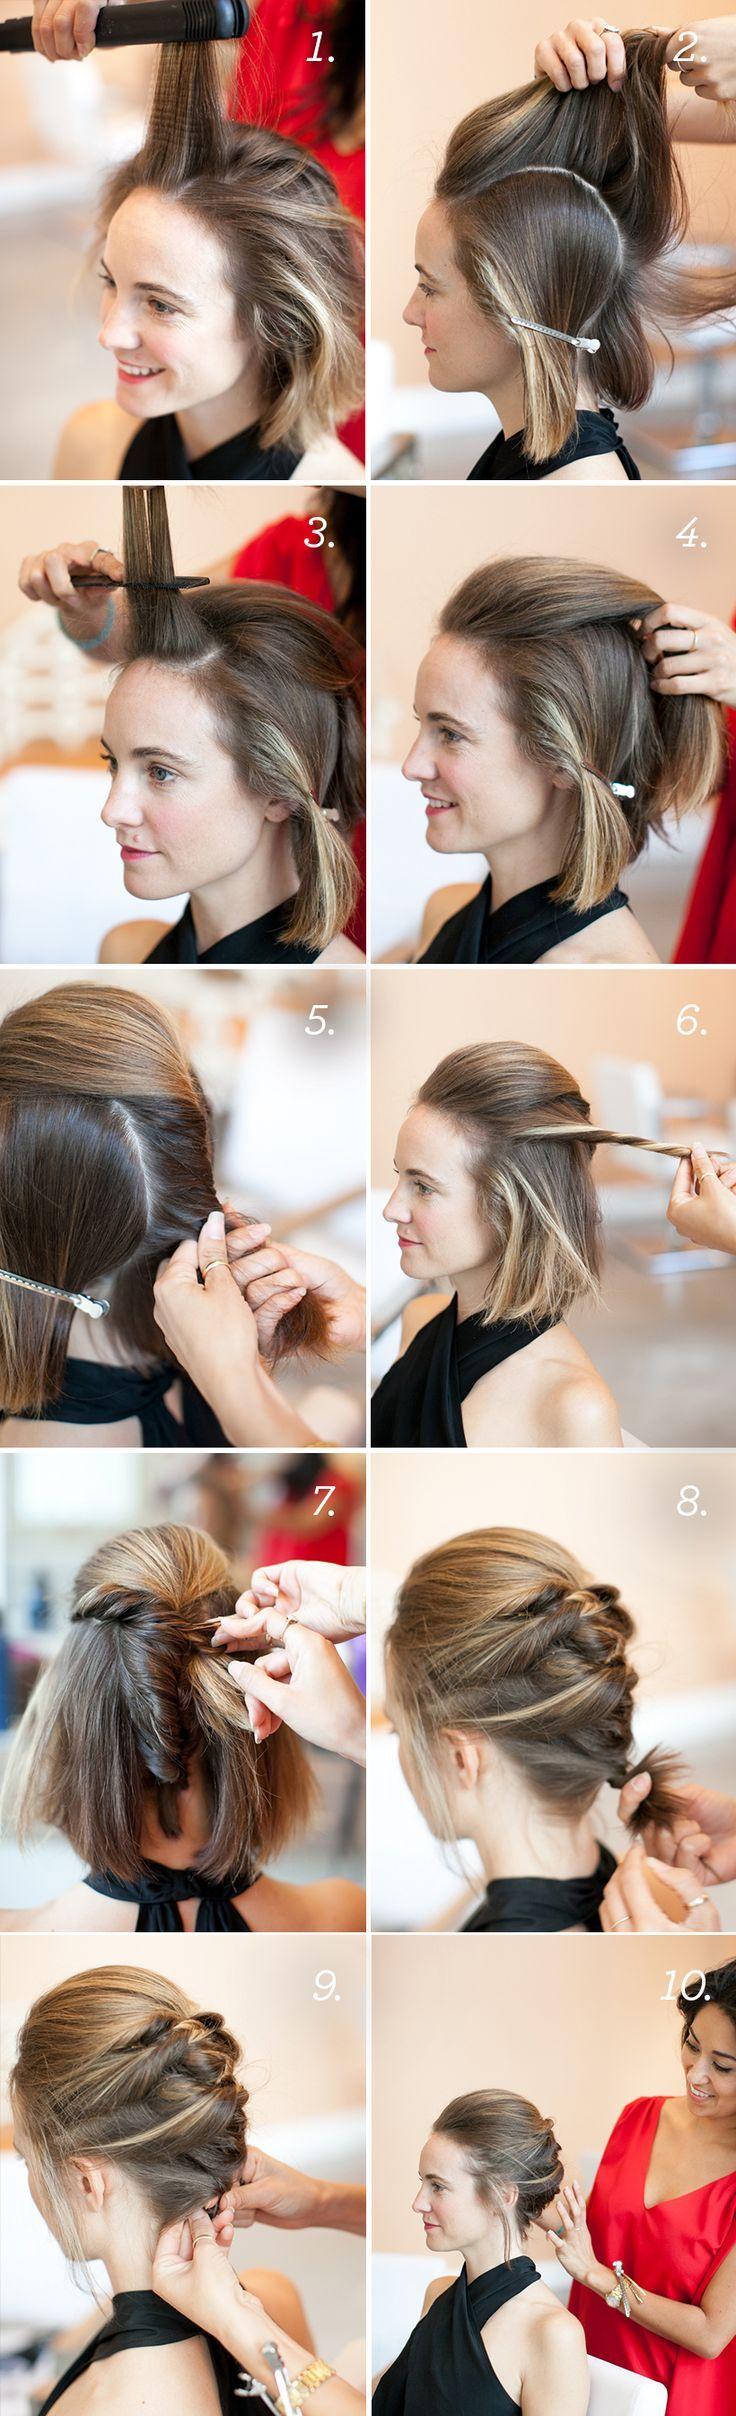 124 best Short Hair Styles images on Pinterest